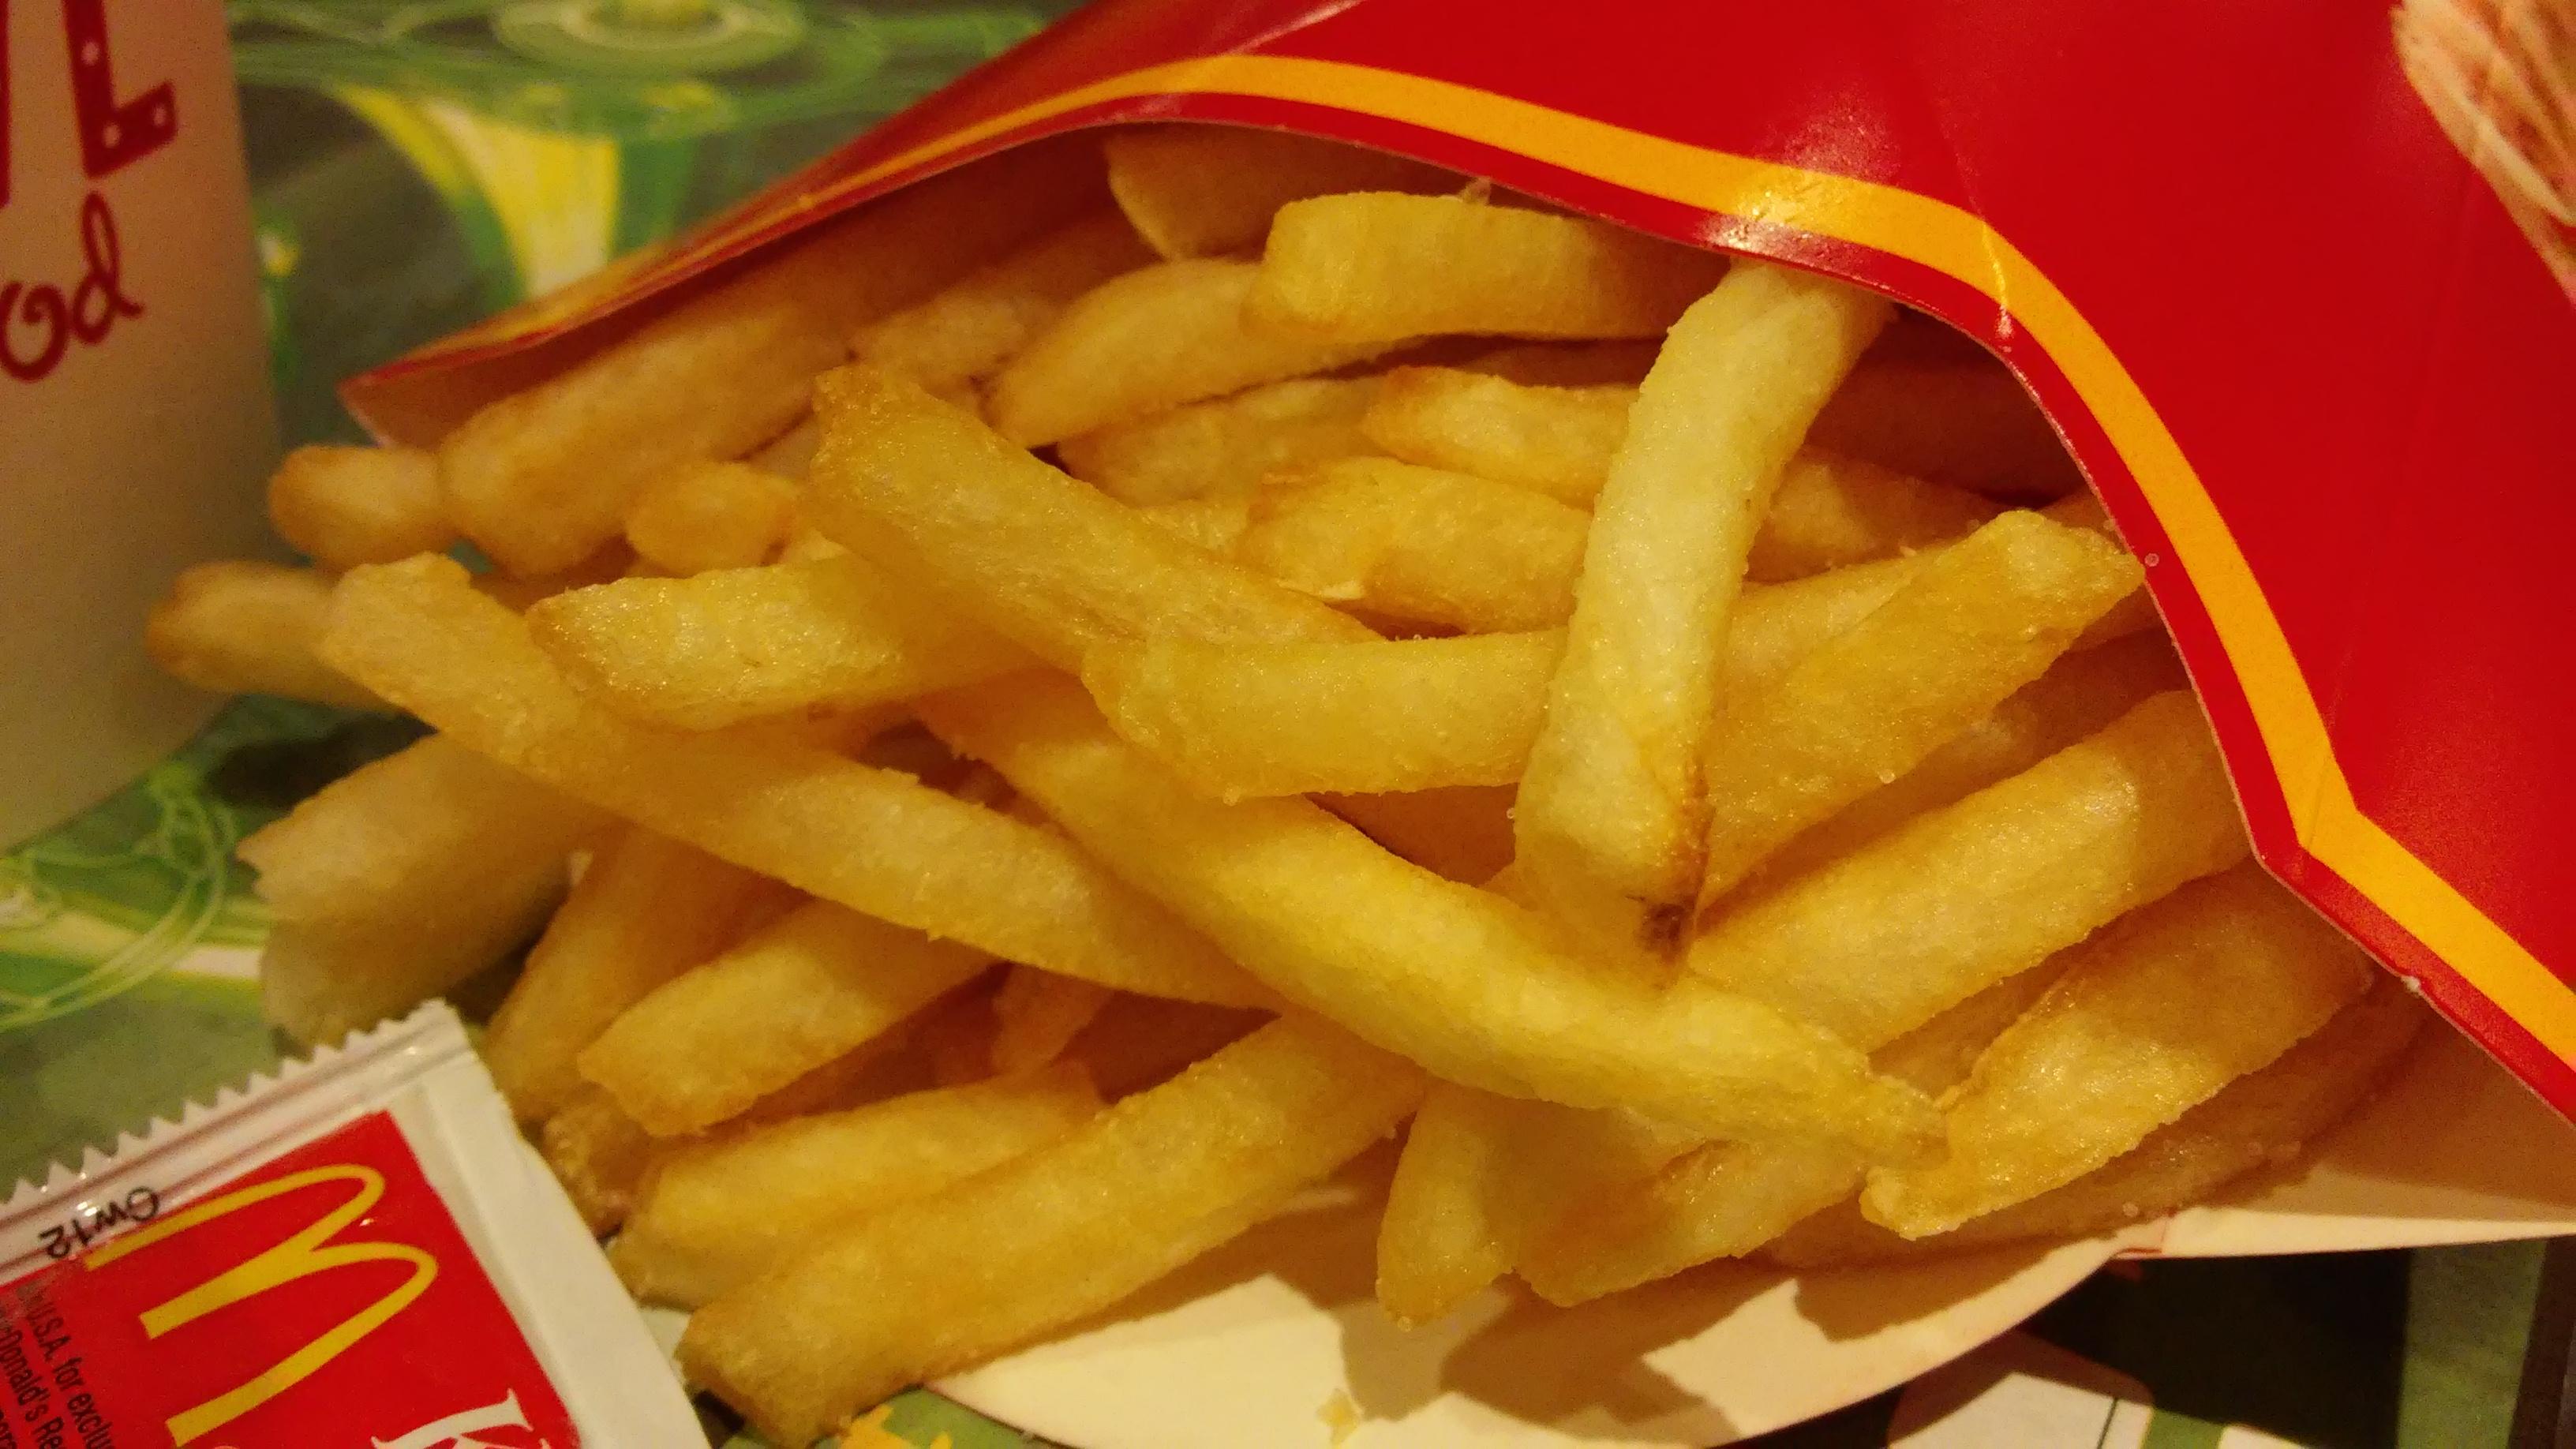 McDonald's Fries (Medium Size) = 50g carbs